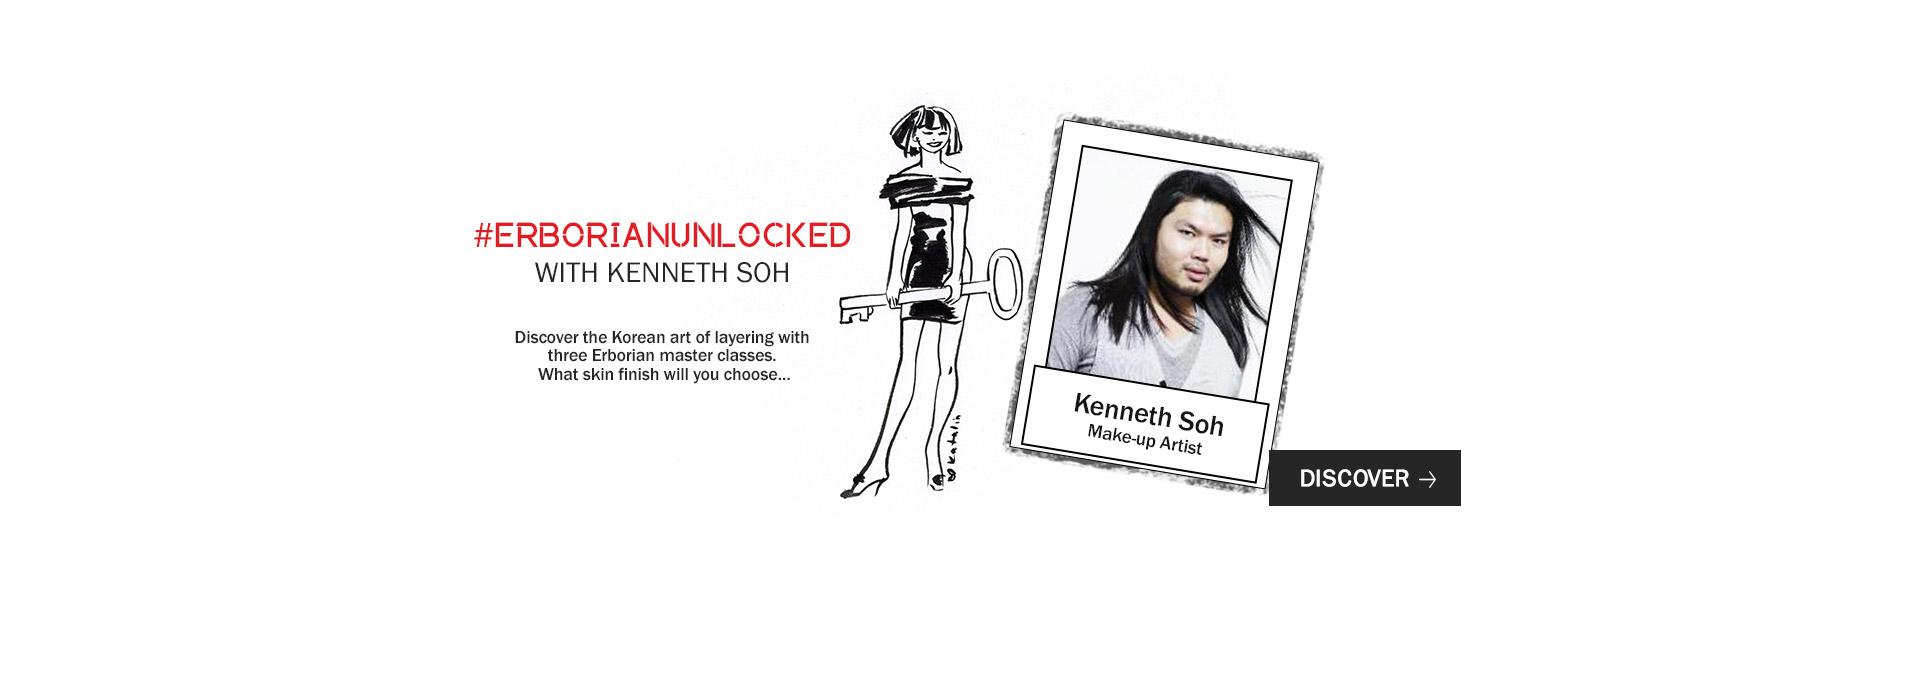 erborian unlockocked : the make-up artist kenneth soh unlock korean art of layering